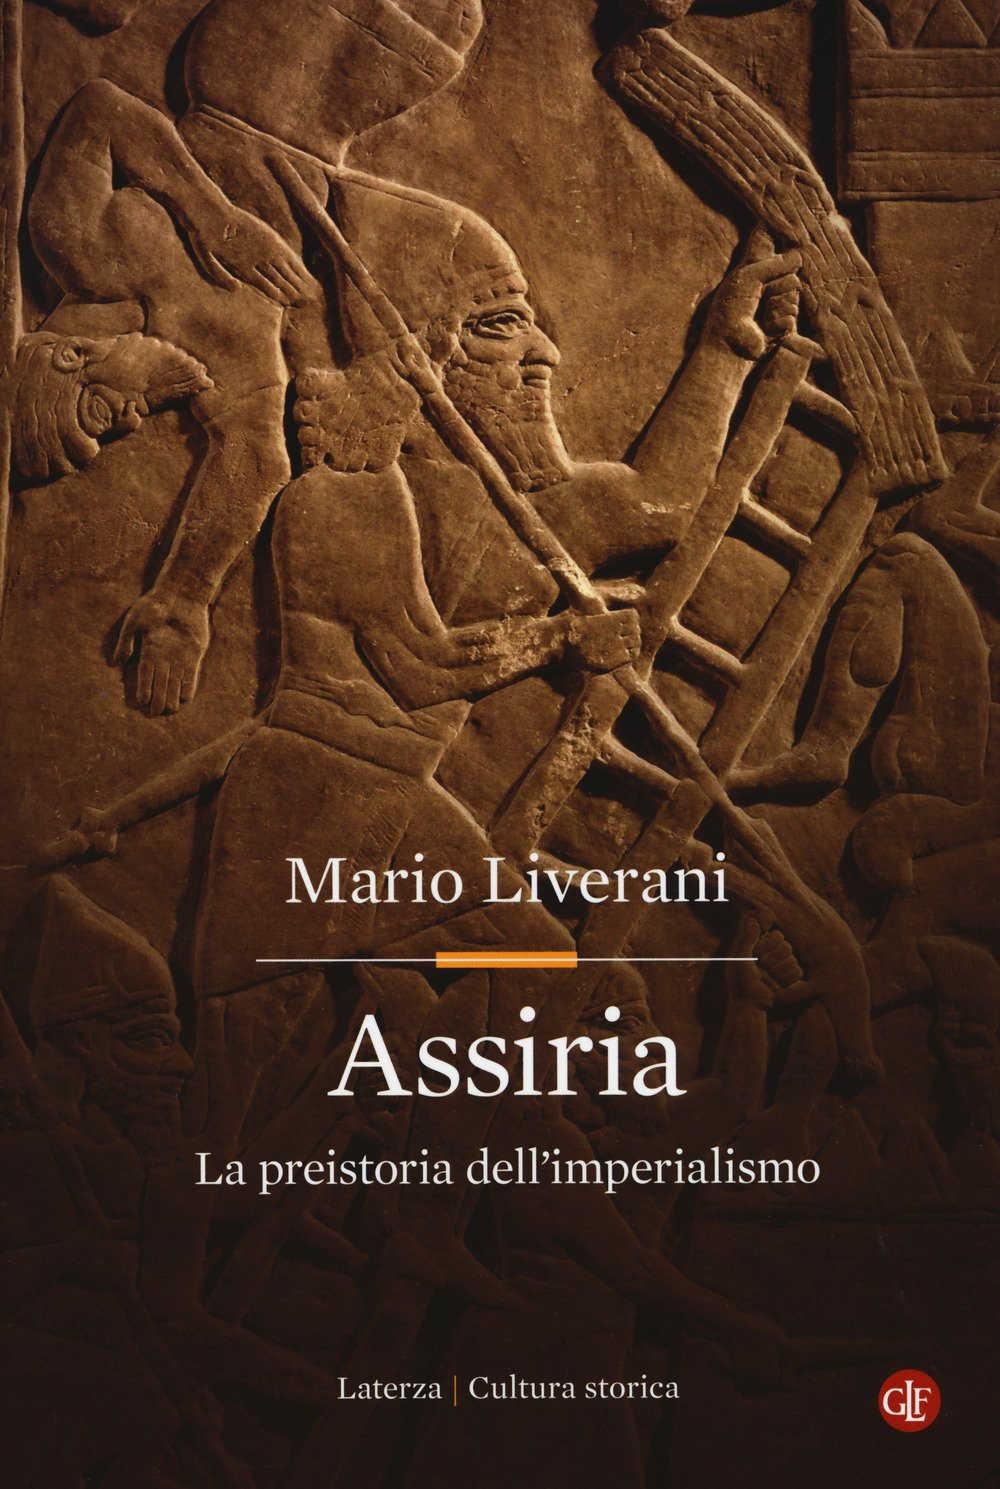 LIVERANI, M. Assiria: La preistoria dell'imperialismo. Bari: Laterza, 2017, 402 p.